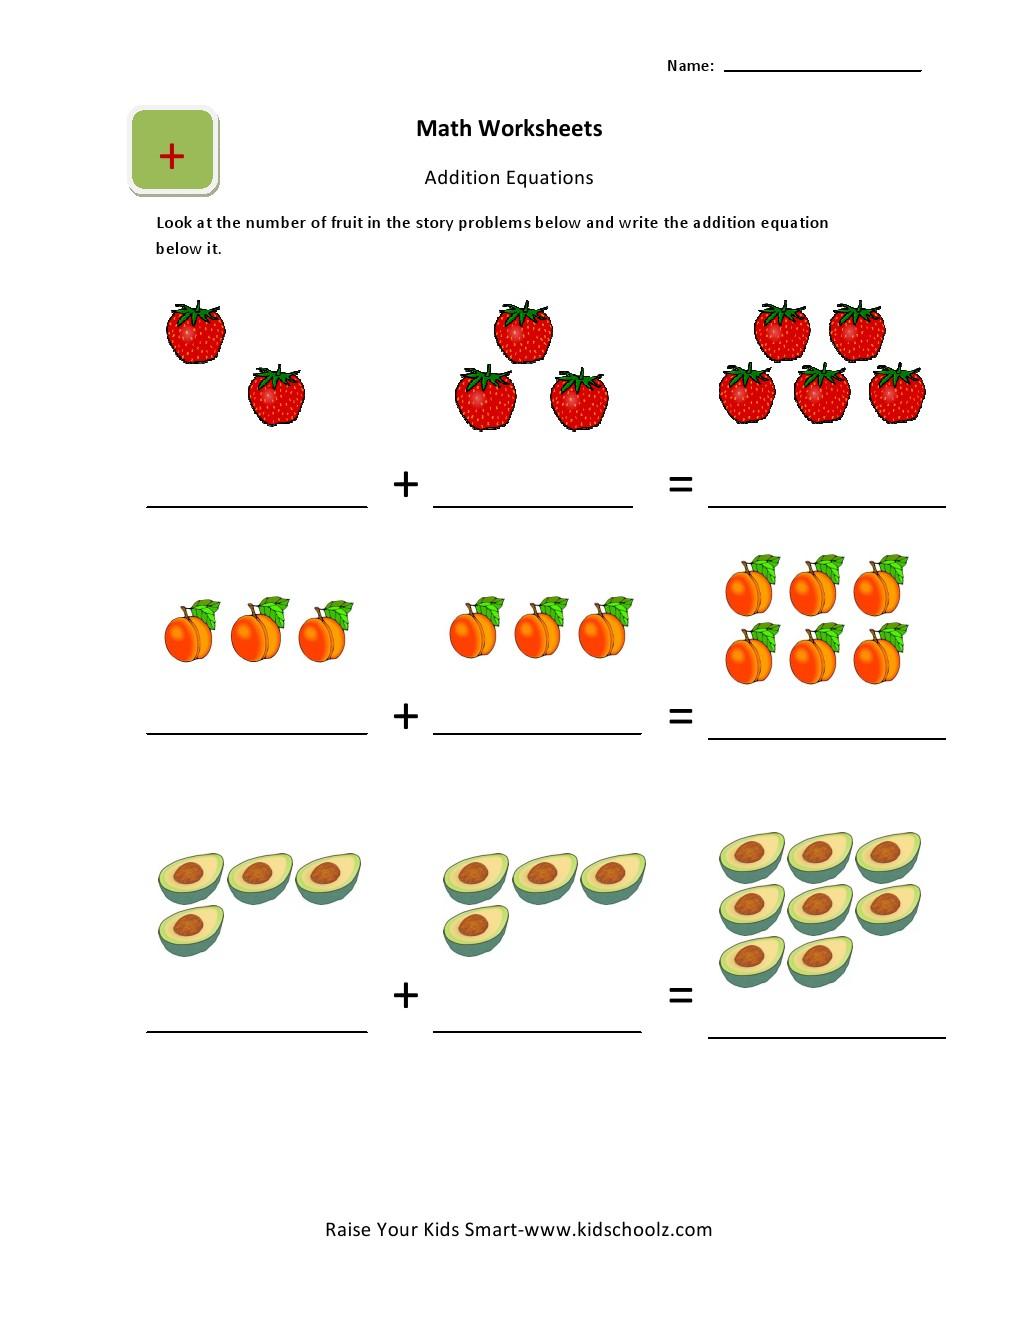 Workbooks lkg writing worksheets : Addition Picture Worksheets for UKG Kids - Kidschoolz